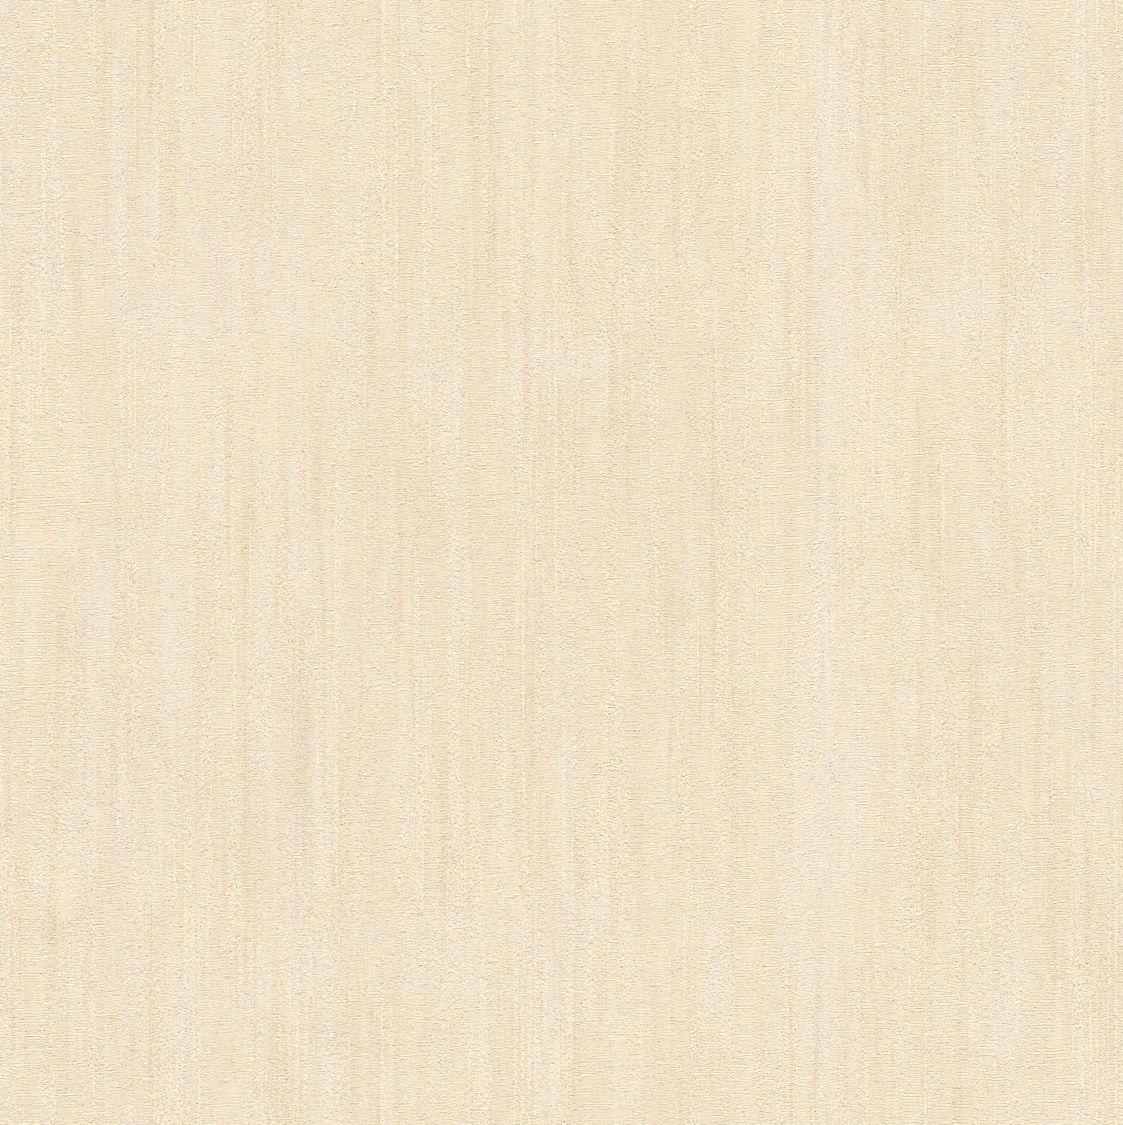 Cream Wallpaper: Fine Decor Milano 7 Plain Vinyl Wallpaper-M95594 -Cream